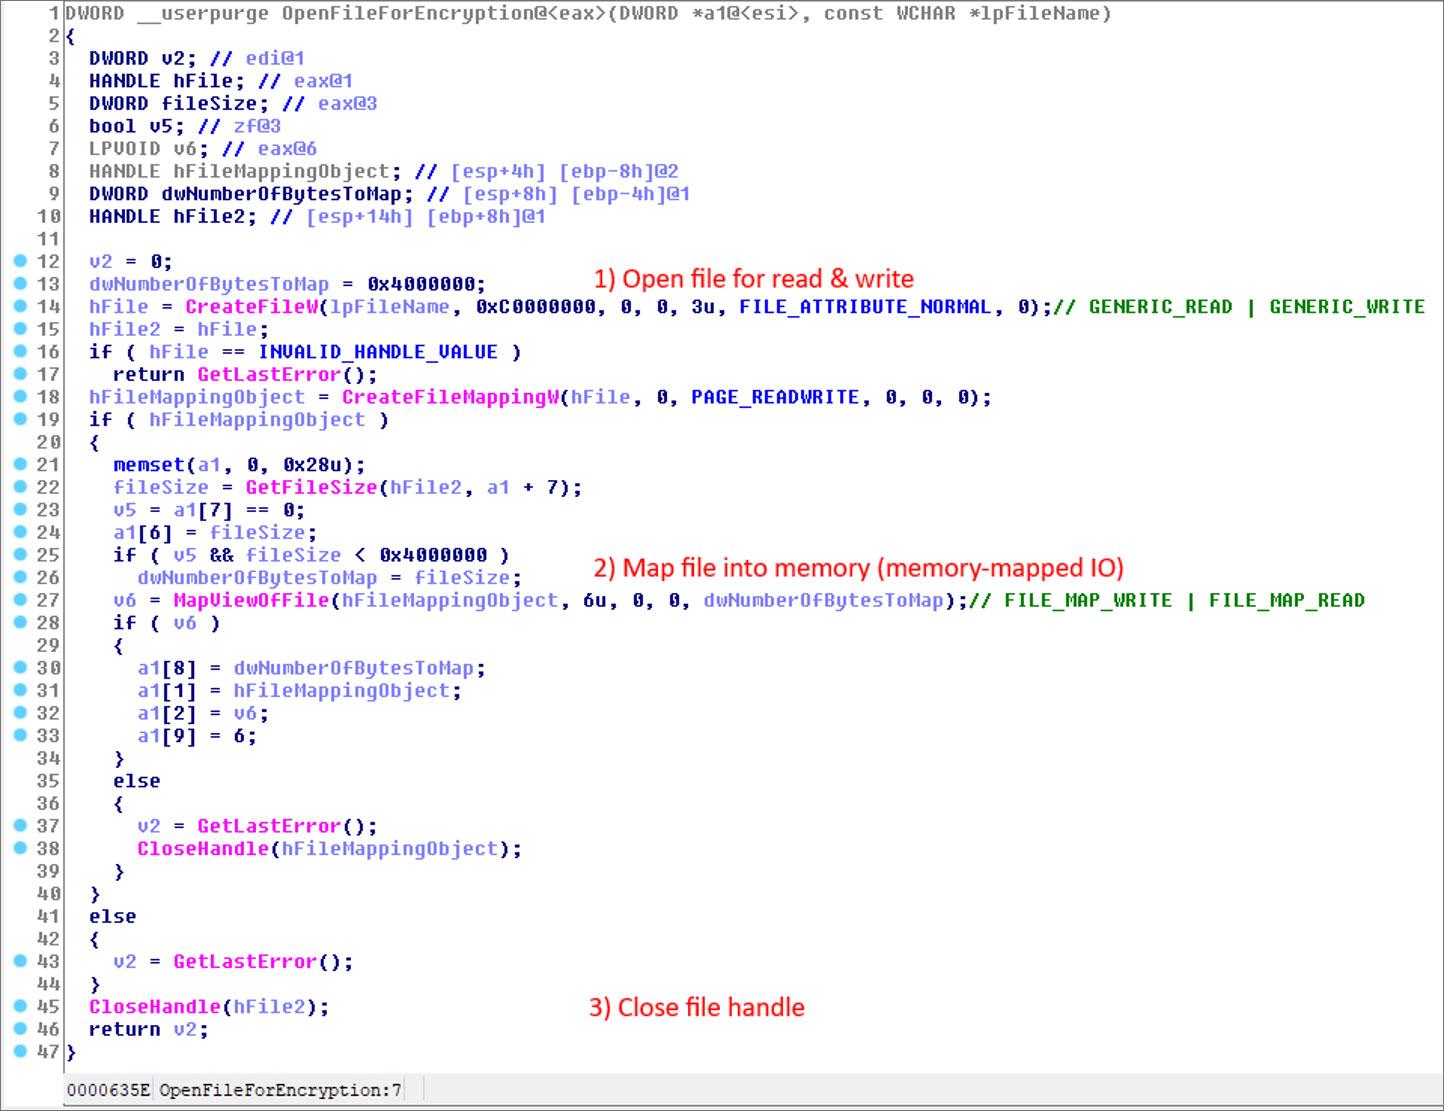 Código que abre un archivo para encriptar